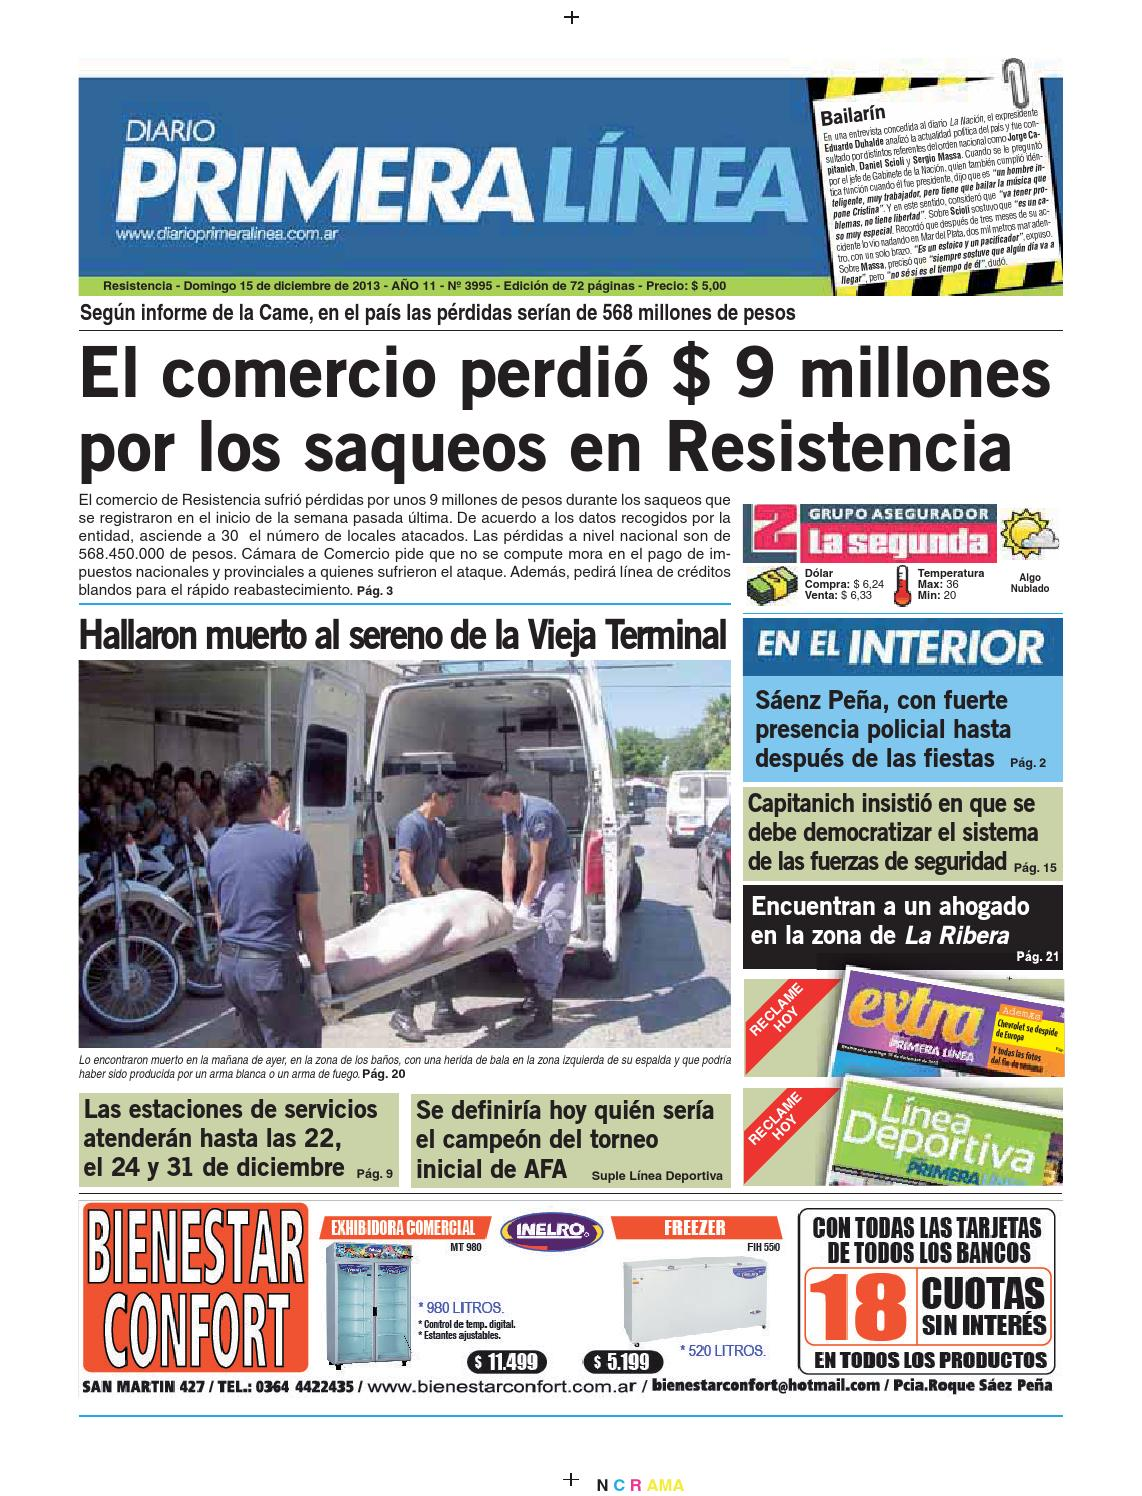 94def7a961e7 Primera Línea 3995 15 12 13 by Diario Primera Linea - issuu